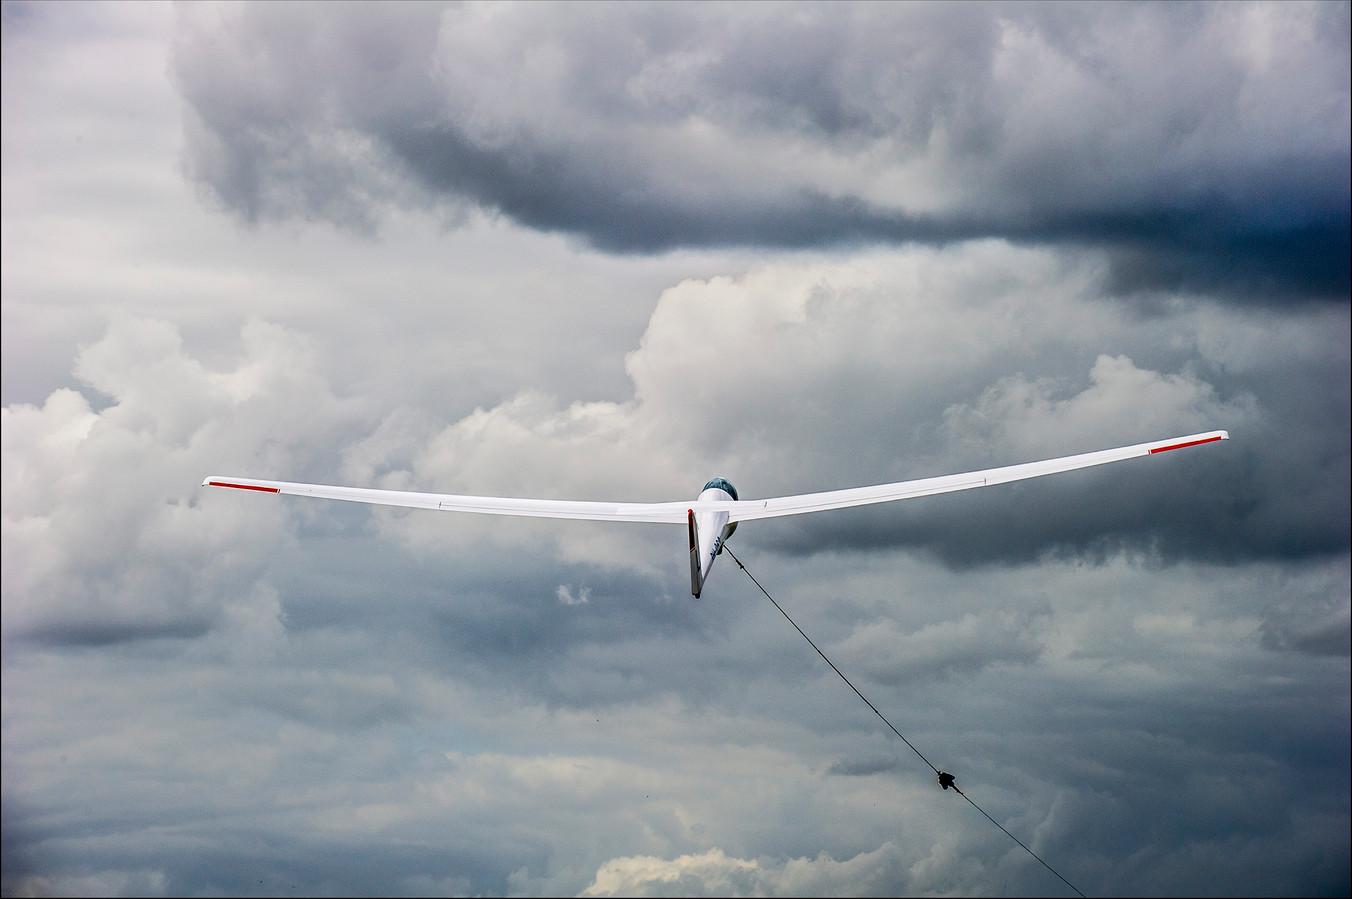 Een zweefvliegtuig wordt via een lier de lucht ingetrokken.